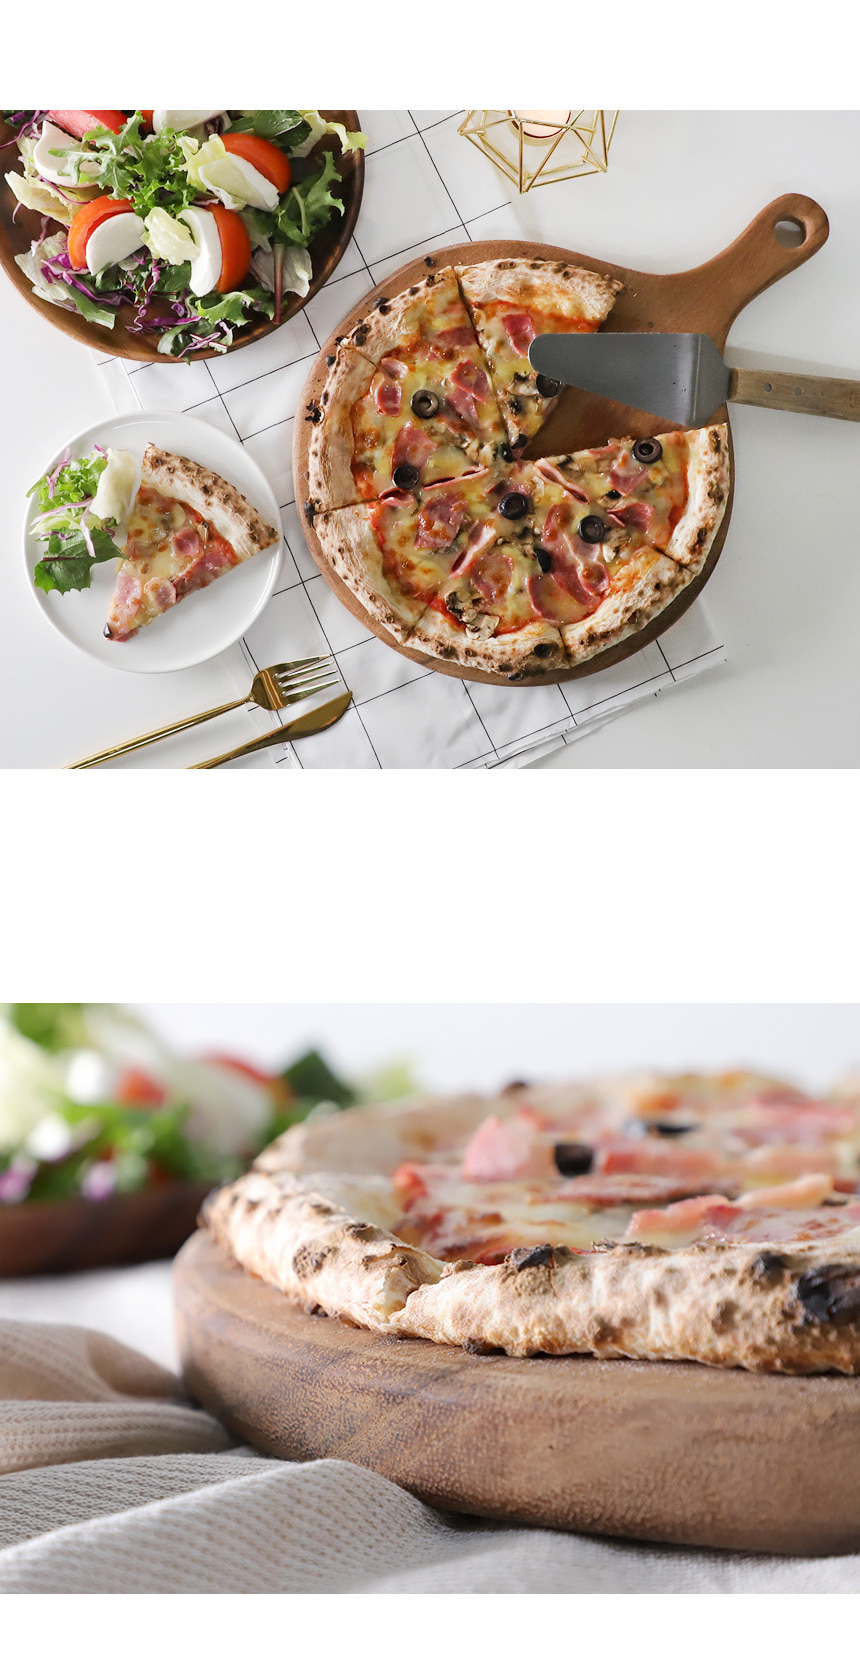 통원목 피자 트레이 2size 선택 - 키친몰링, 26,900원, 접시/찬기, 접시